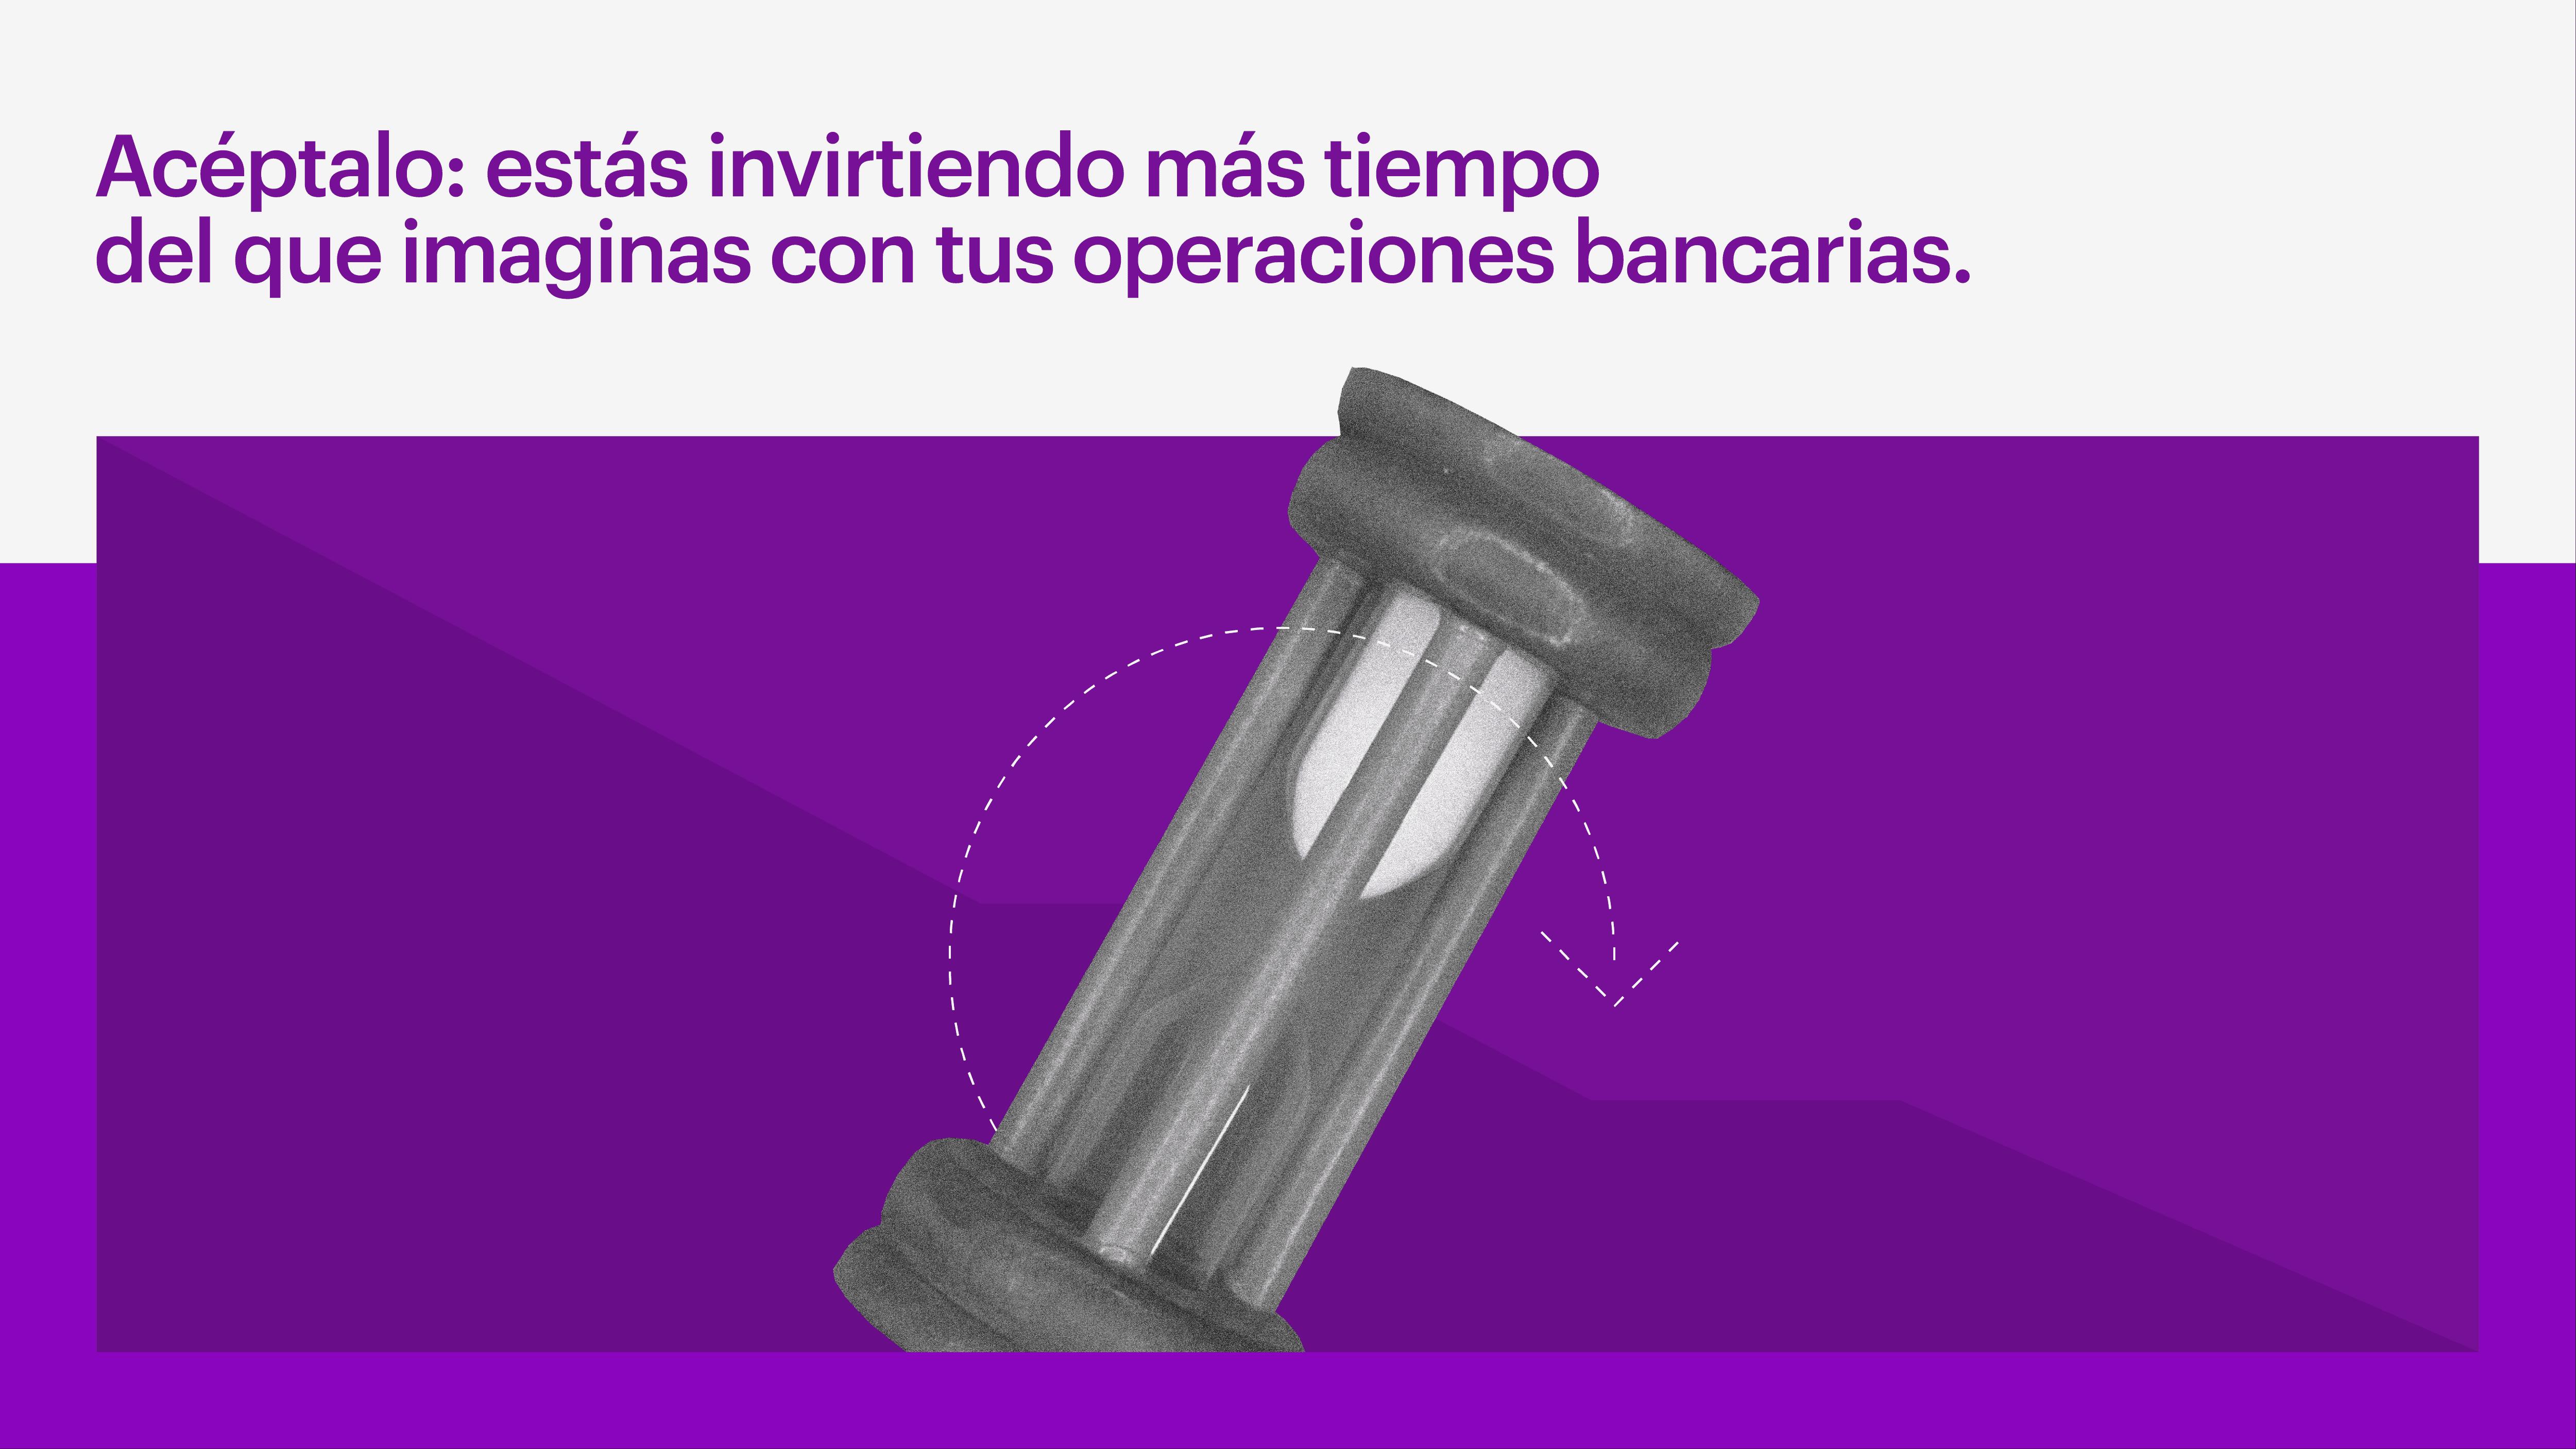 Reloj de arena suspendido evidencia la perdida de tiempo en sucursales bancarias